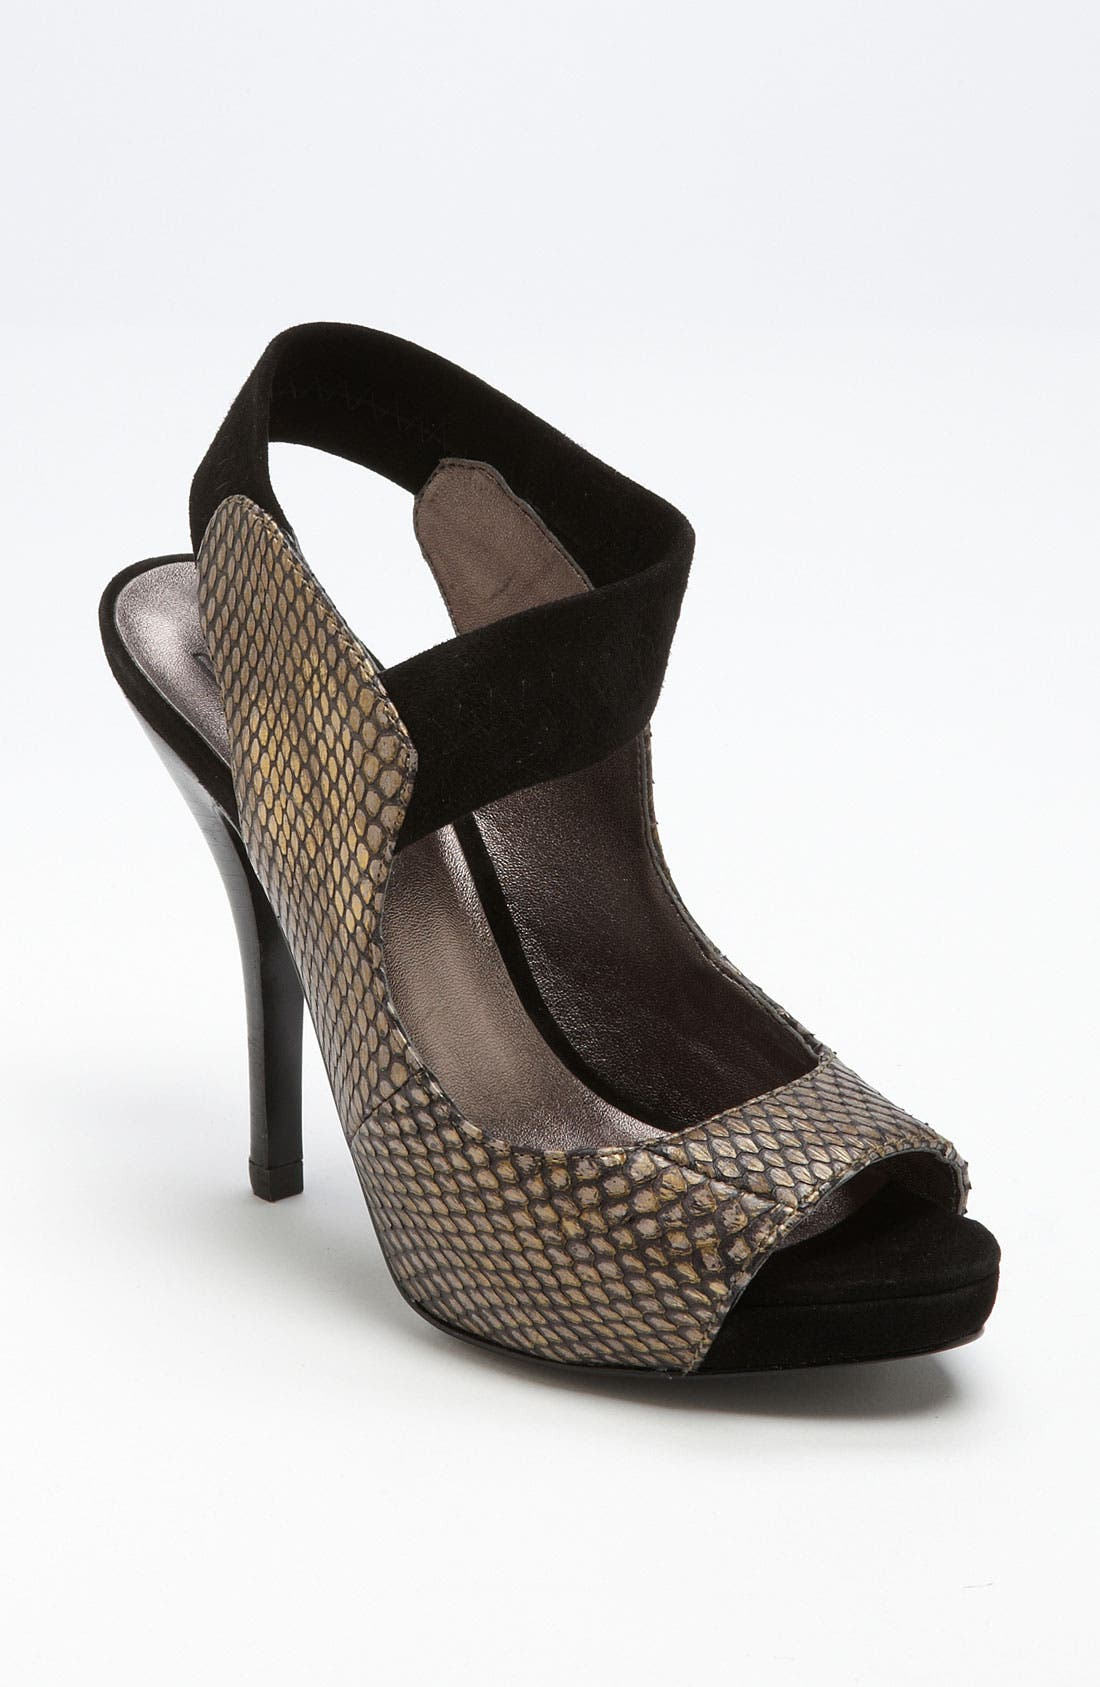 Main Image - Pelle Moda 'Sable' Sandal